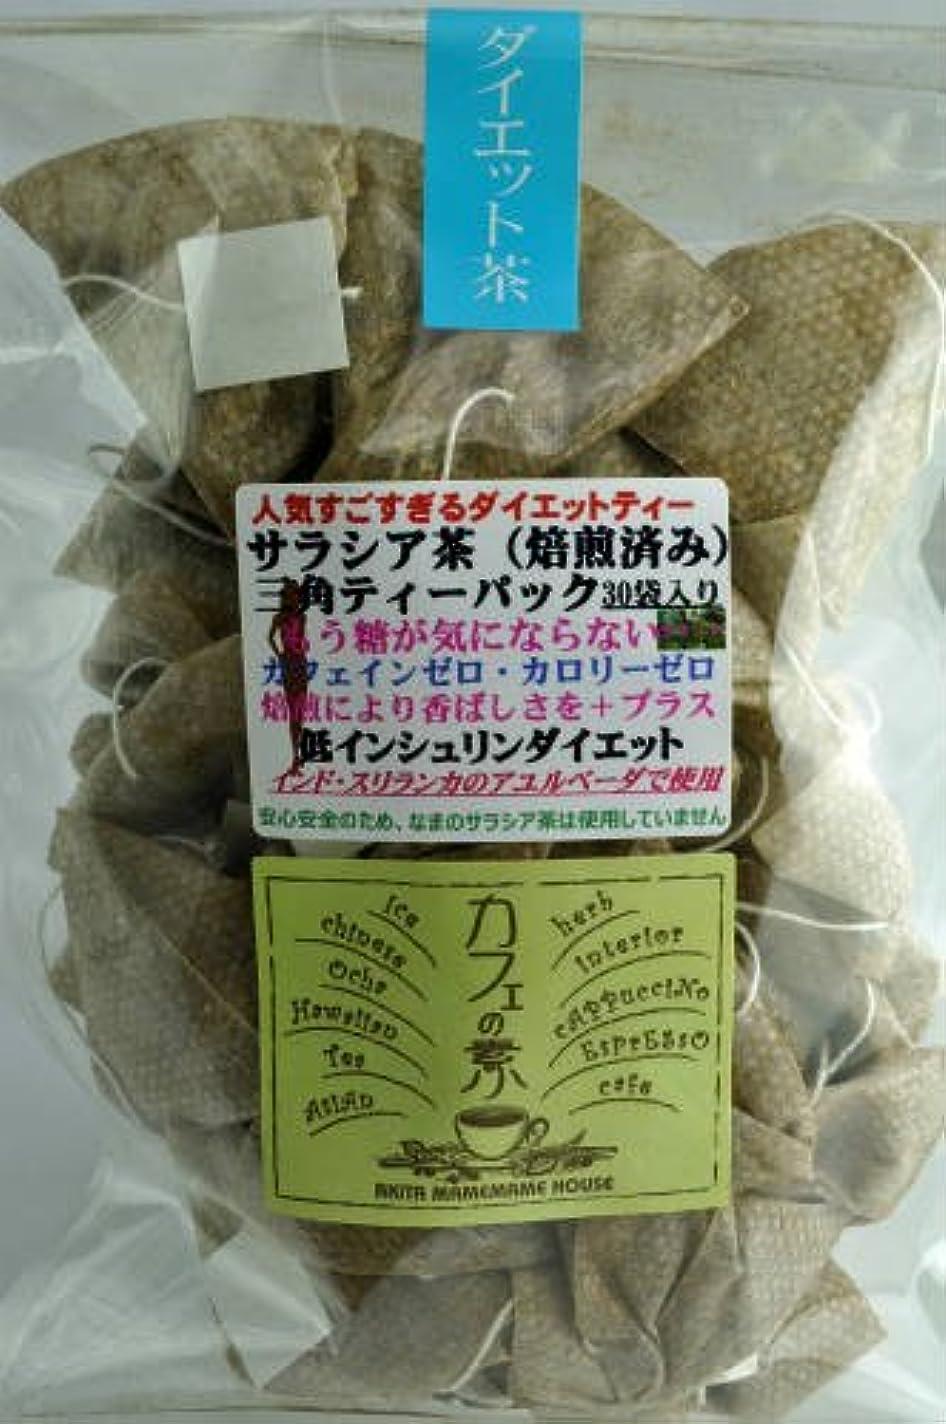 検出する誘う純粋にダイエットサラシア茶(焙煎済み)三角ティーパック【2.5g×30個入り】